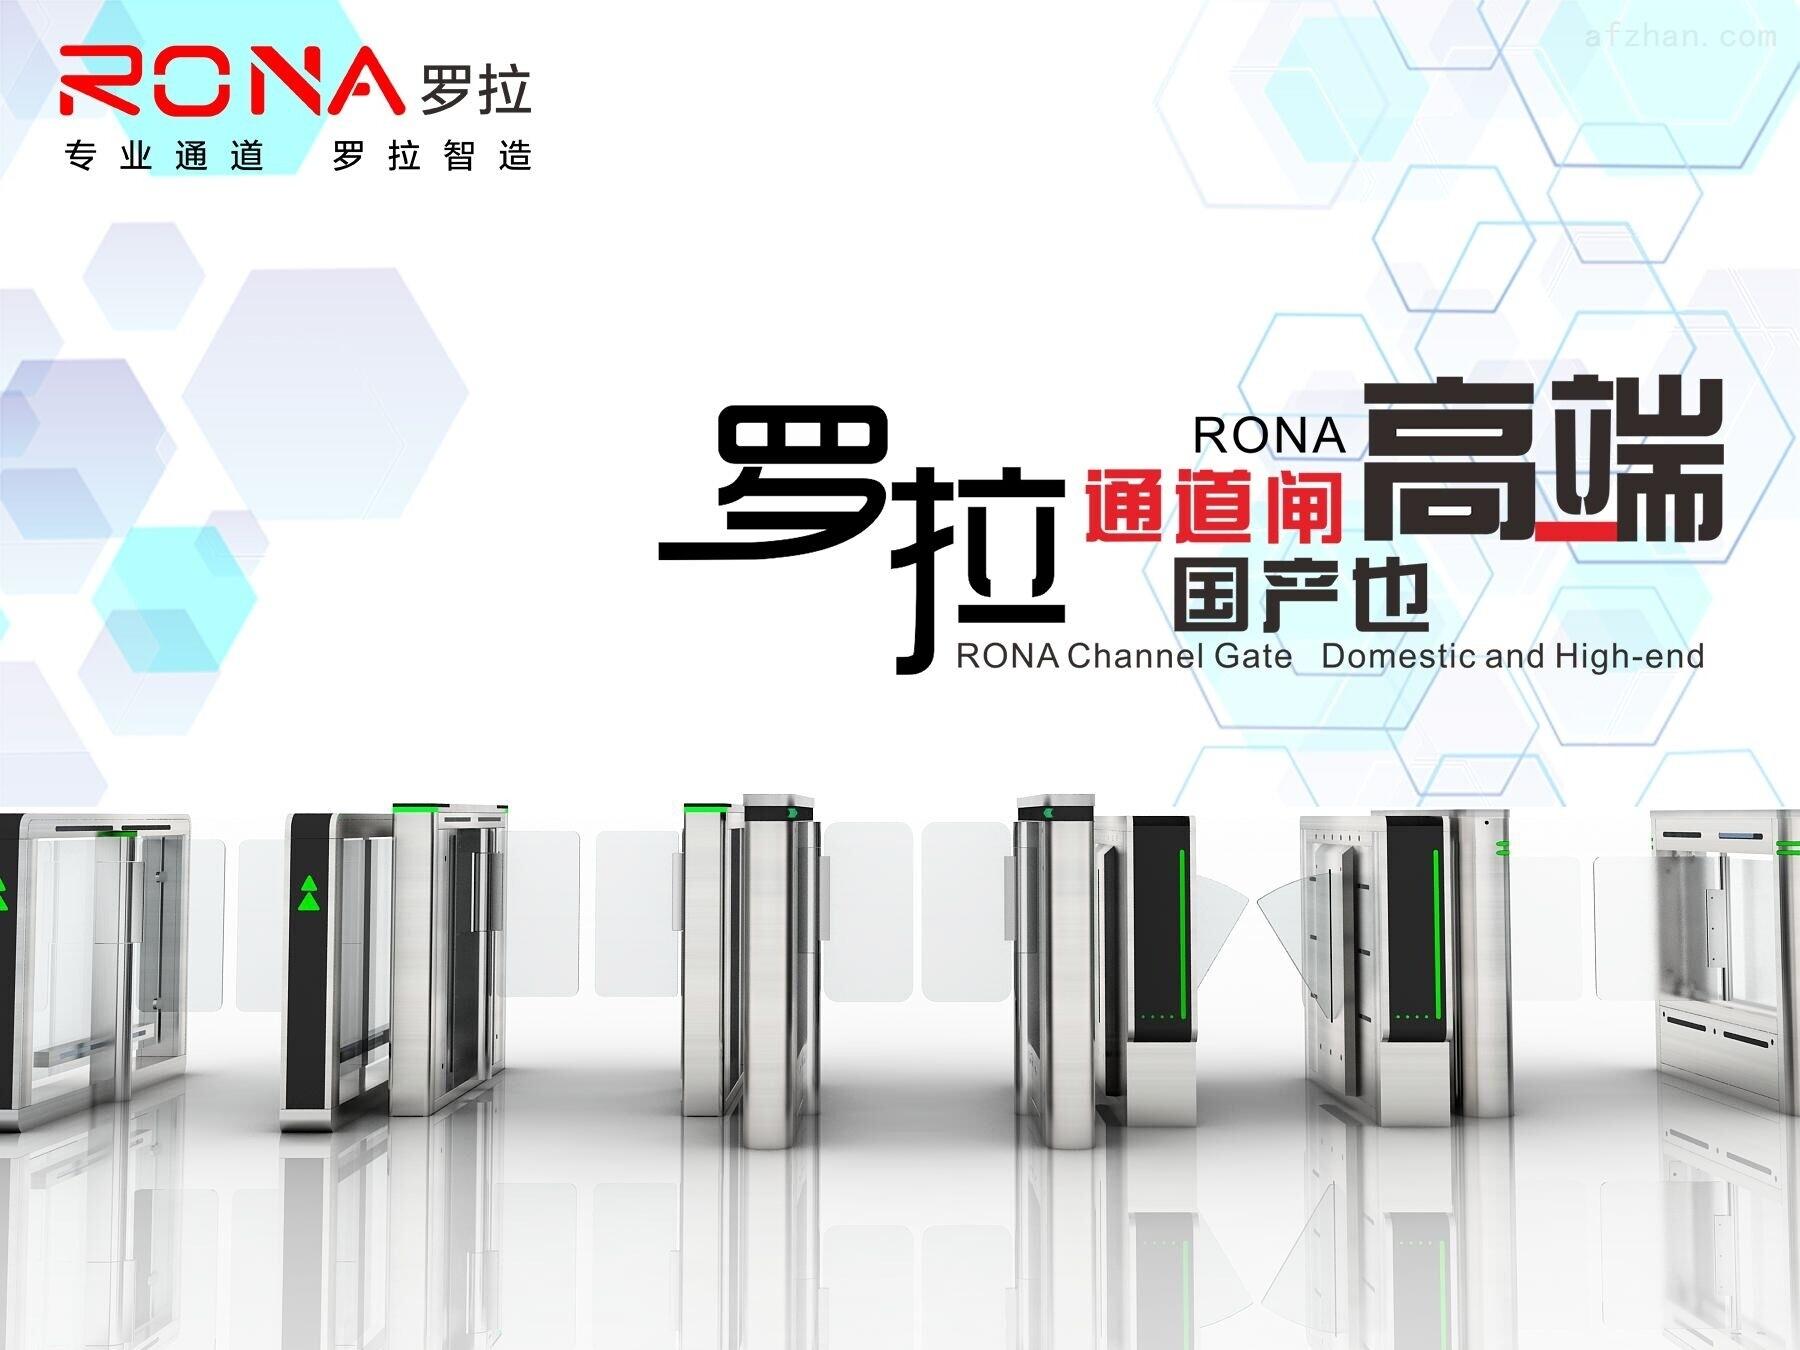 罗拉智能公司产品介绍